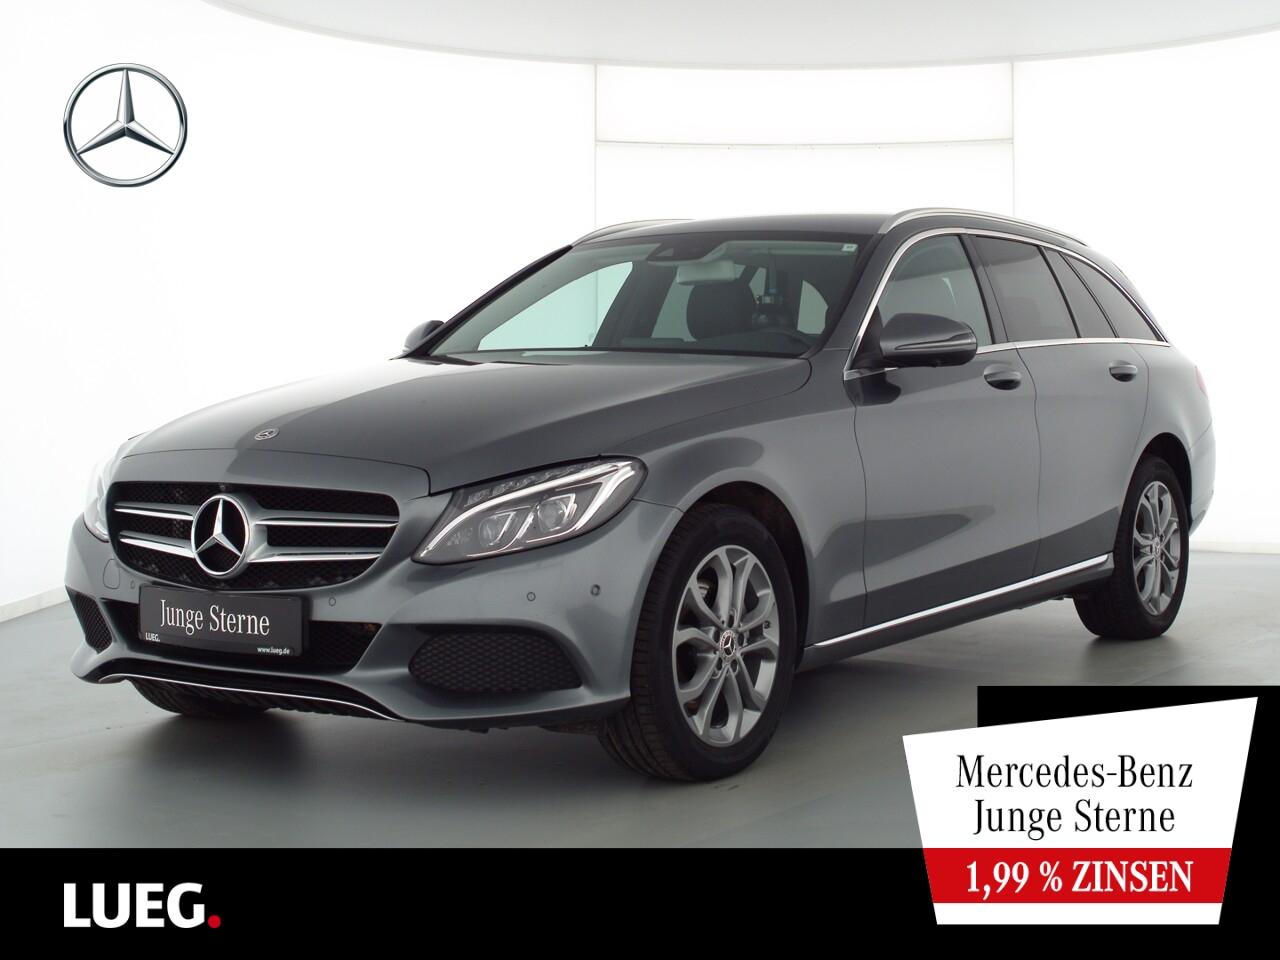 Mercedes-Benz C 220 d T 4M Avantgarde+Navi+LED-ILS+Memory+360°, Jahr 2018, Diesel